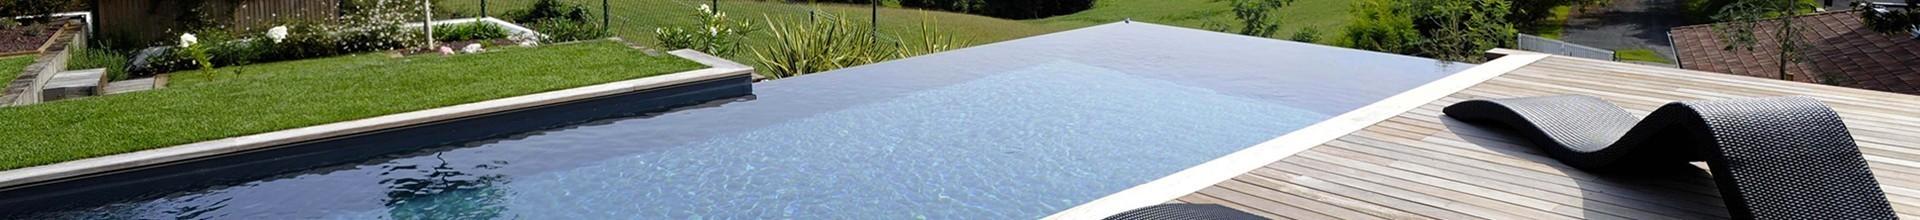 ✅  Auvergne Drôme Fabricant d'une piscine révolutionnaire et innovante